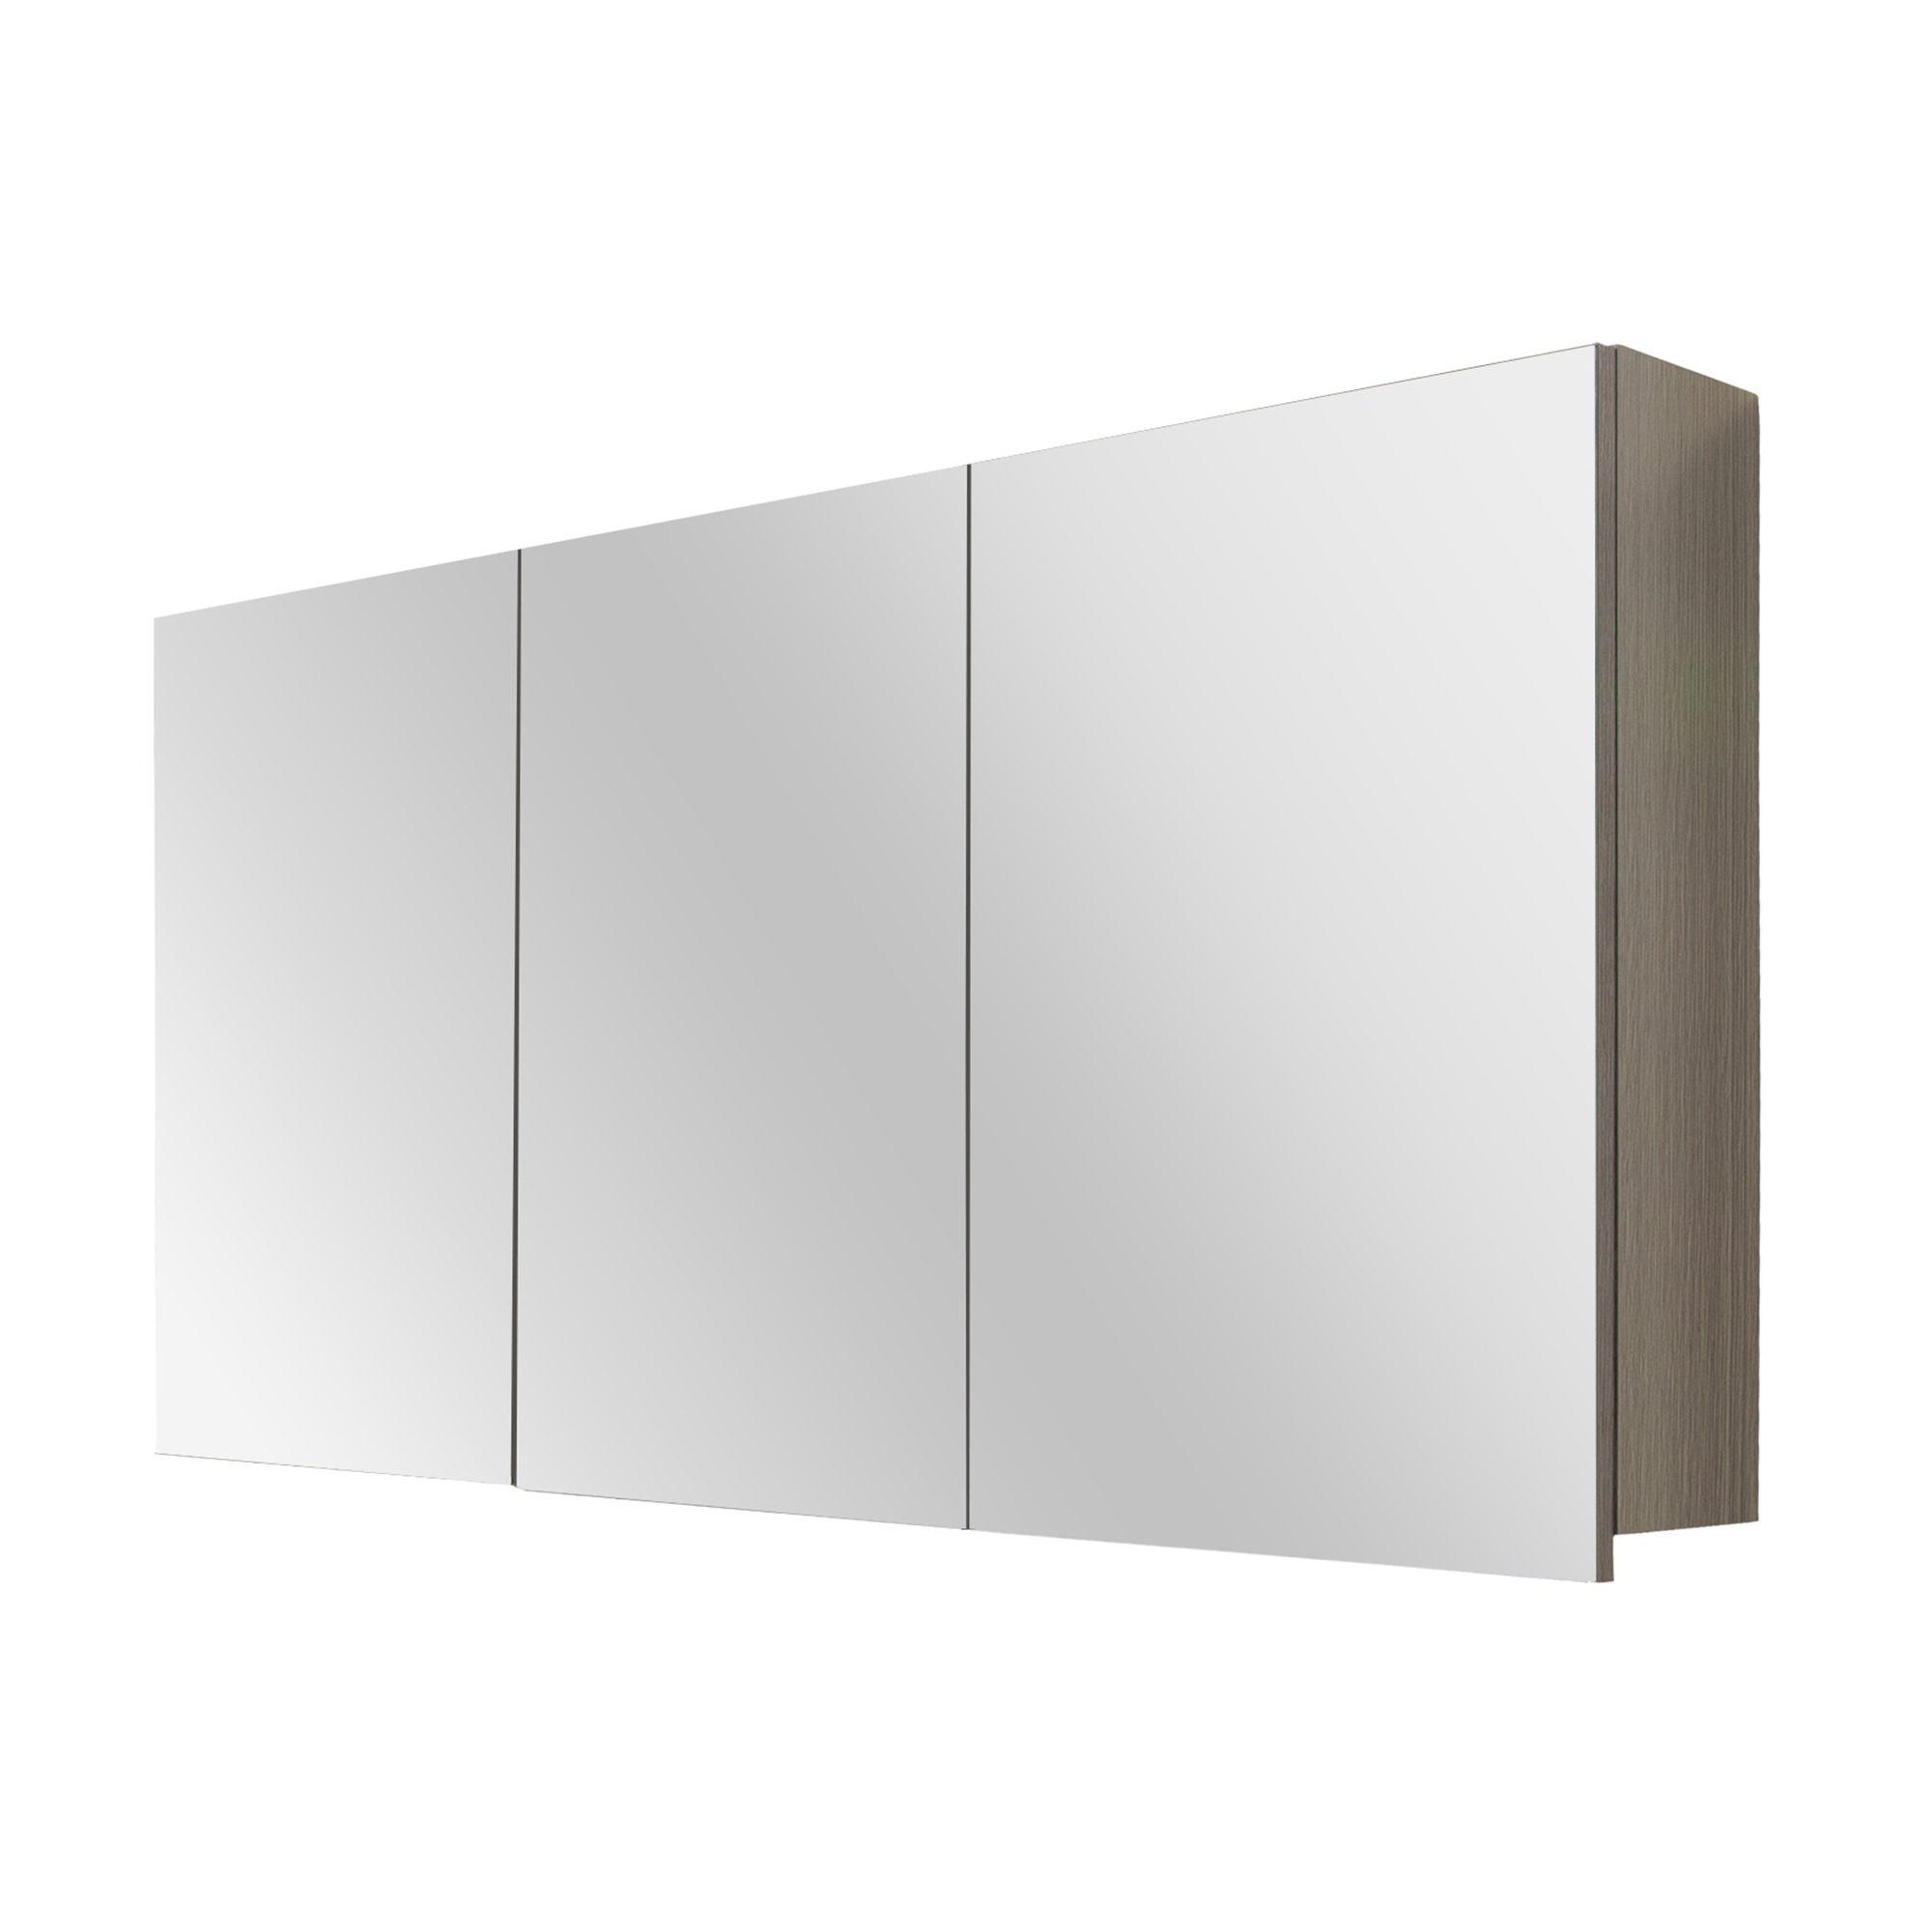 GAMMA Style spiegelkast eiken donkergrijs 120 cm   badkamer   Pinterest